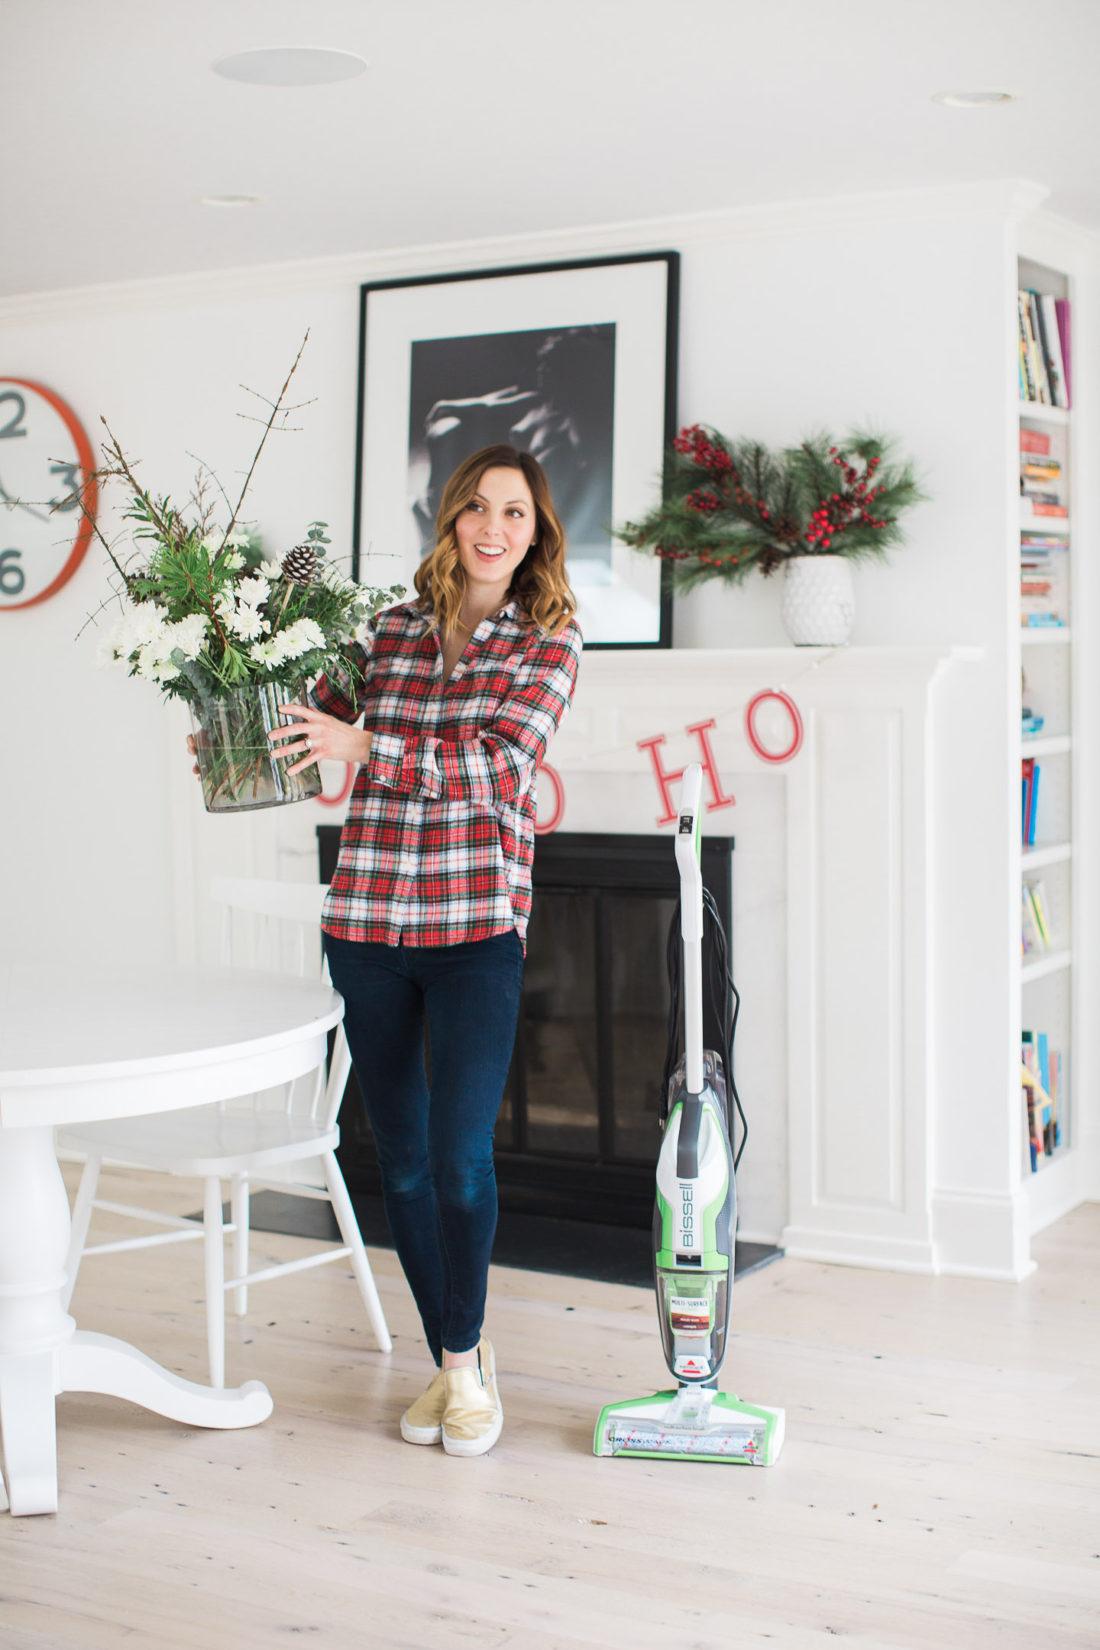 Eva Amurri Martino arranges Holiday florals as she prepares her home for a party